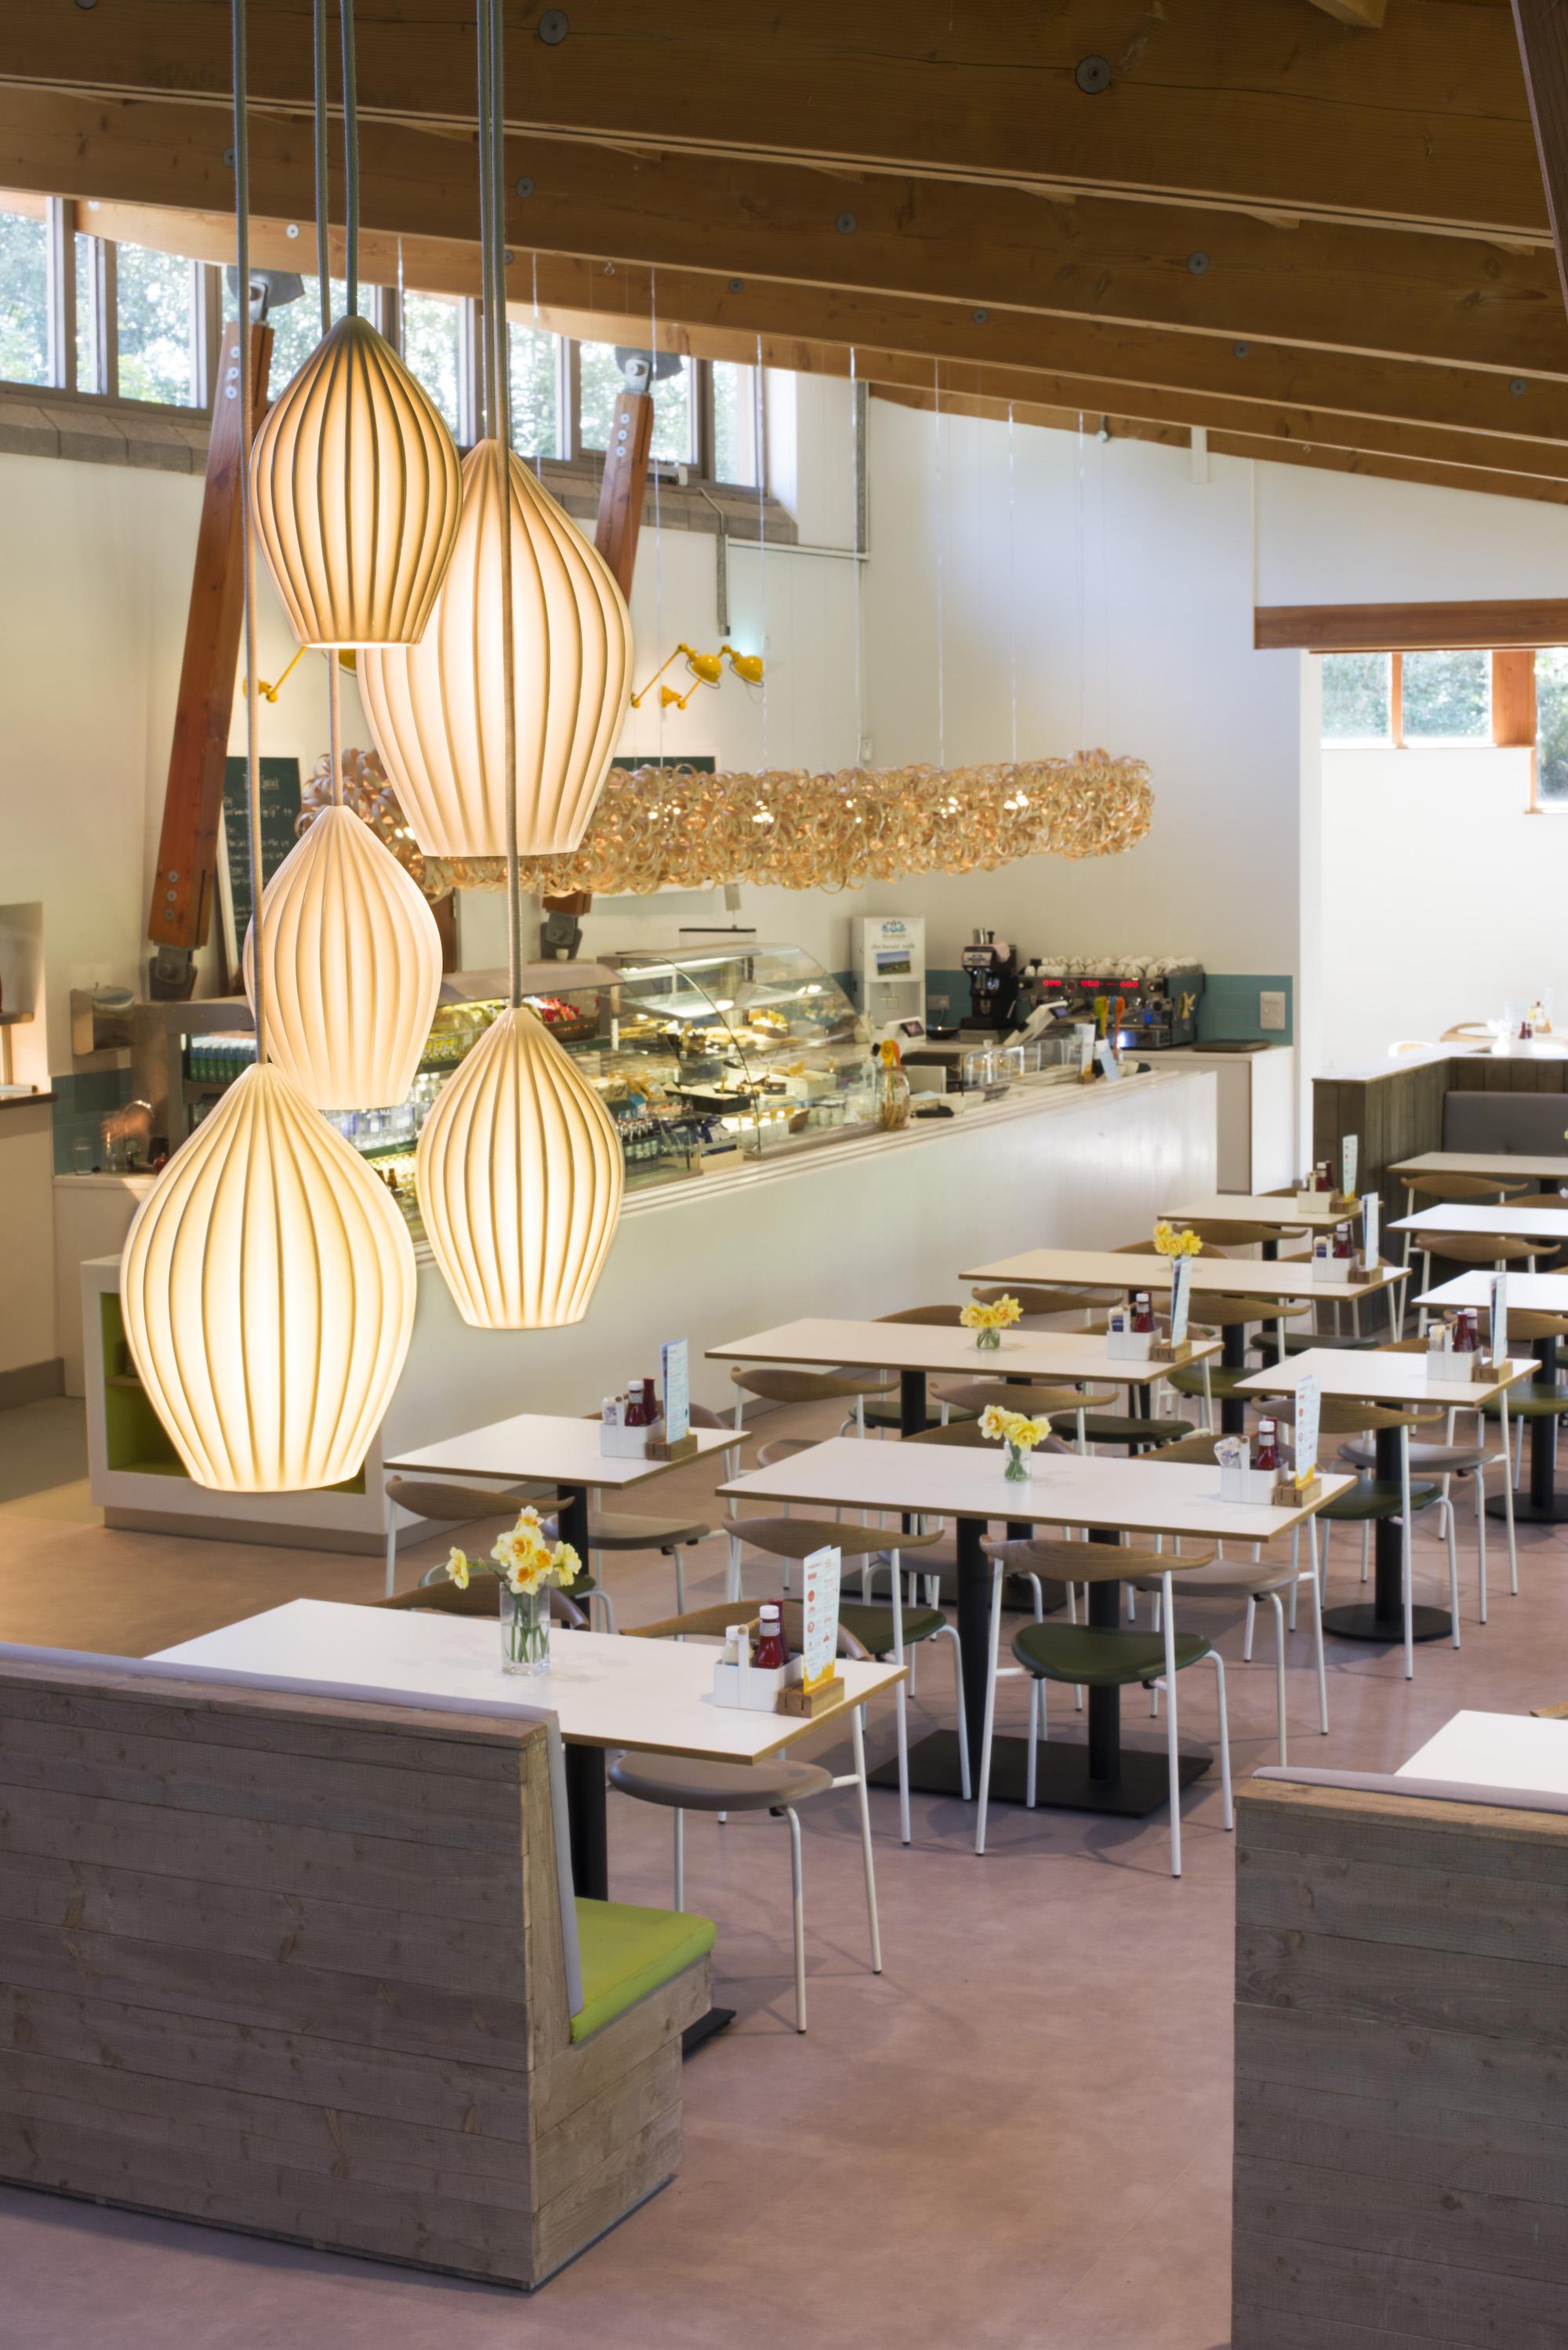 eleanor-bell-restaurant-lighting-trebah-cafe-seed-pendants.jpg